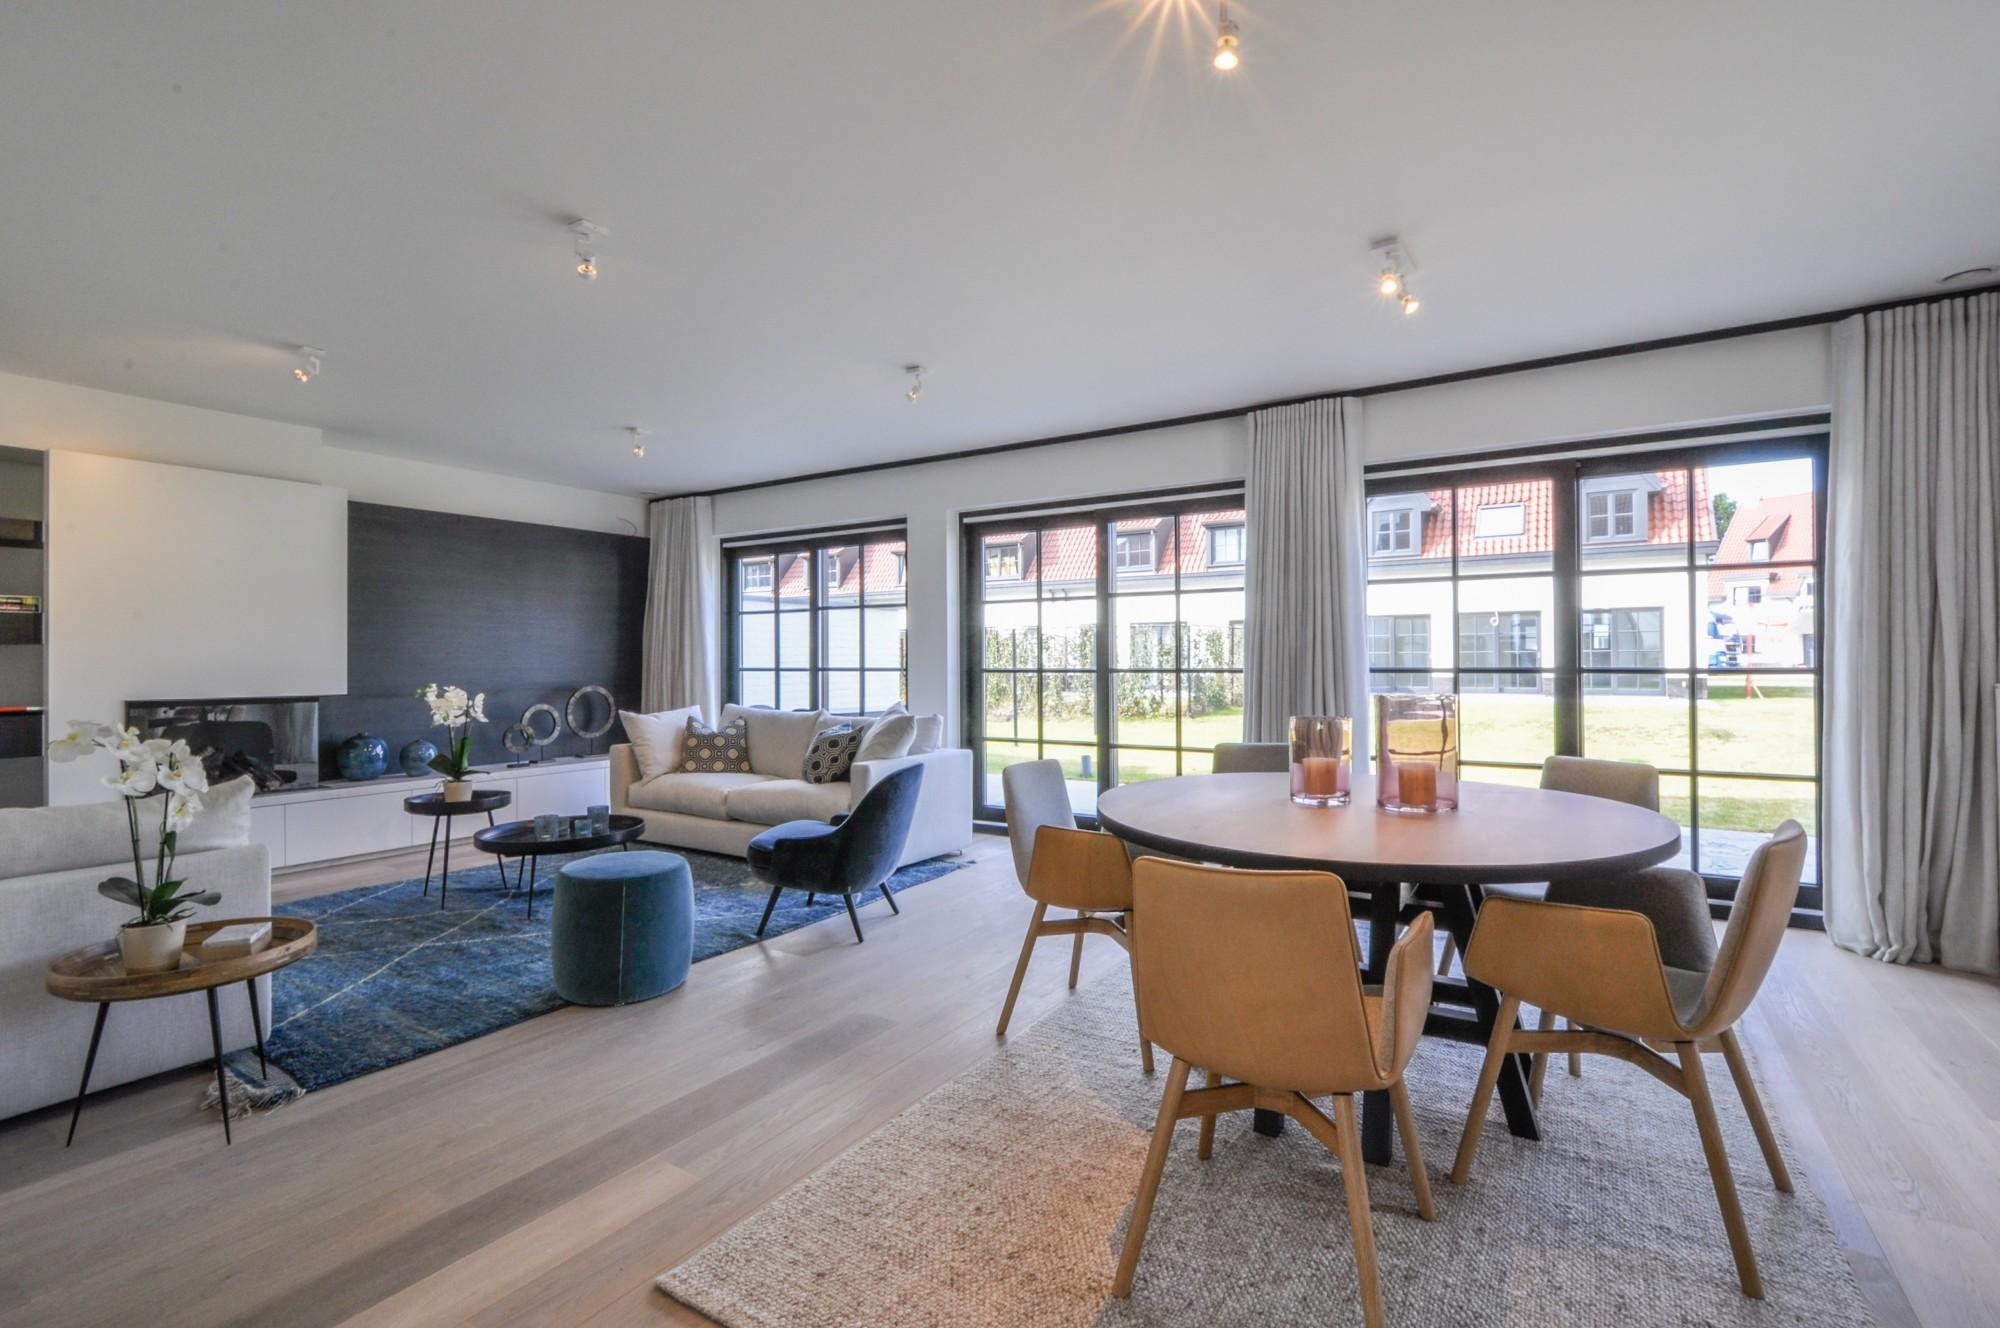 Te huur appartement 3 slaapkamers Knokke-Heist Zeedijk garage terras ...